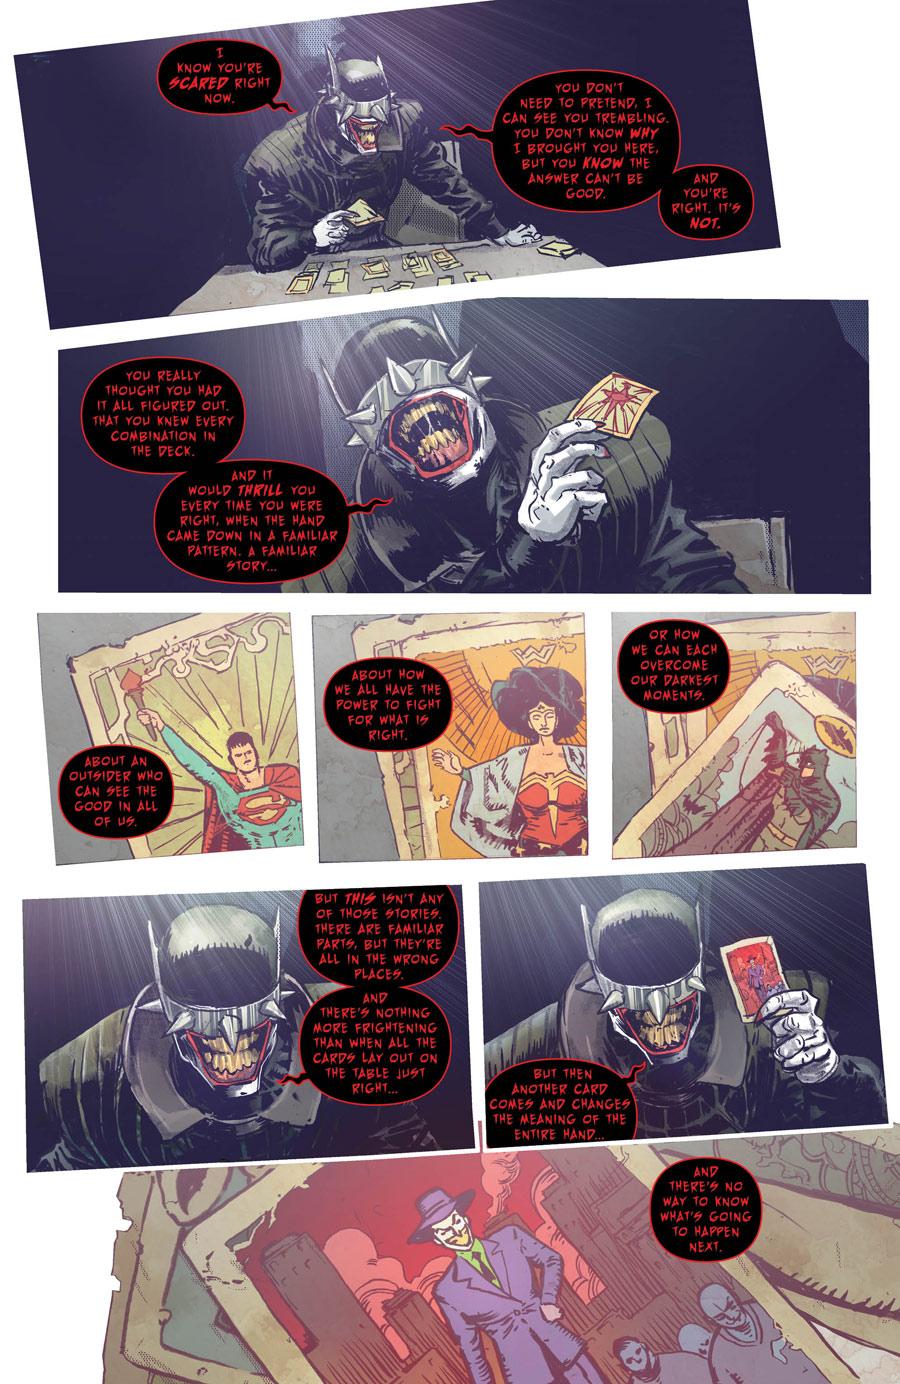 The Batman Who Laughs 1 - DC Comics News